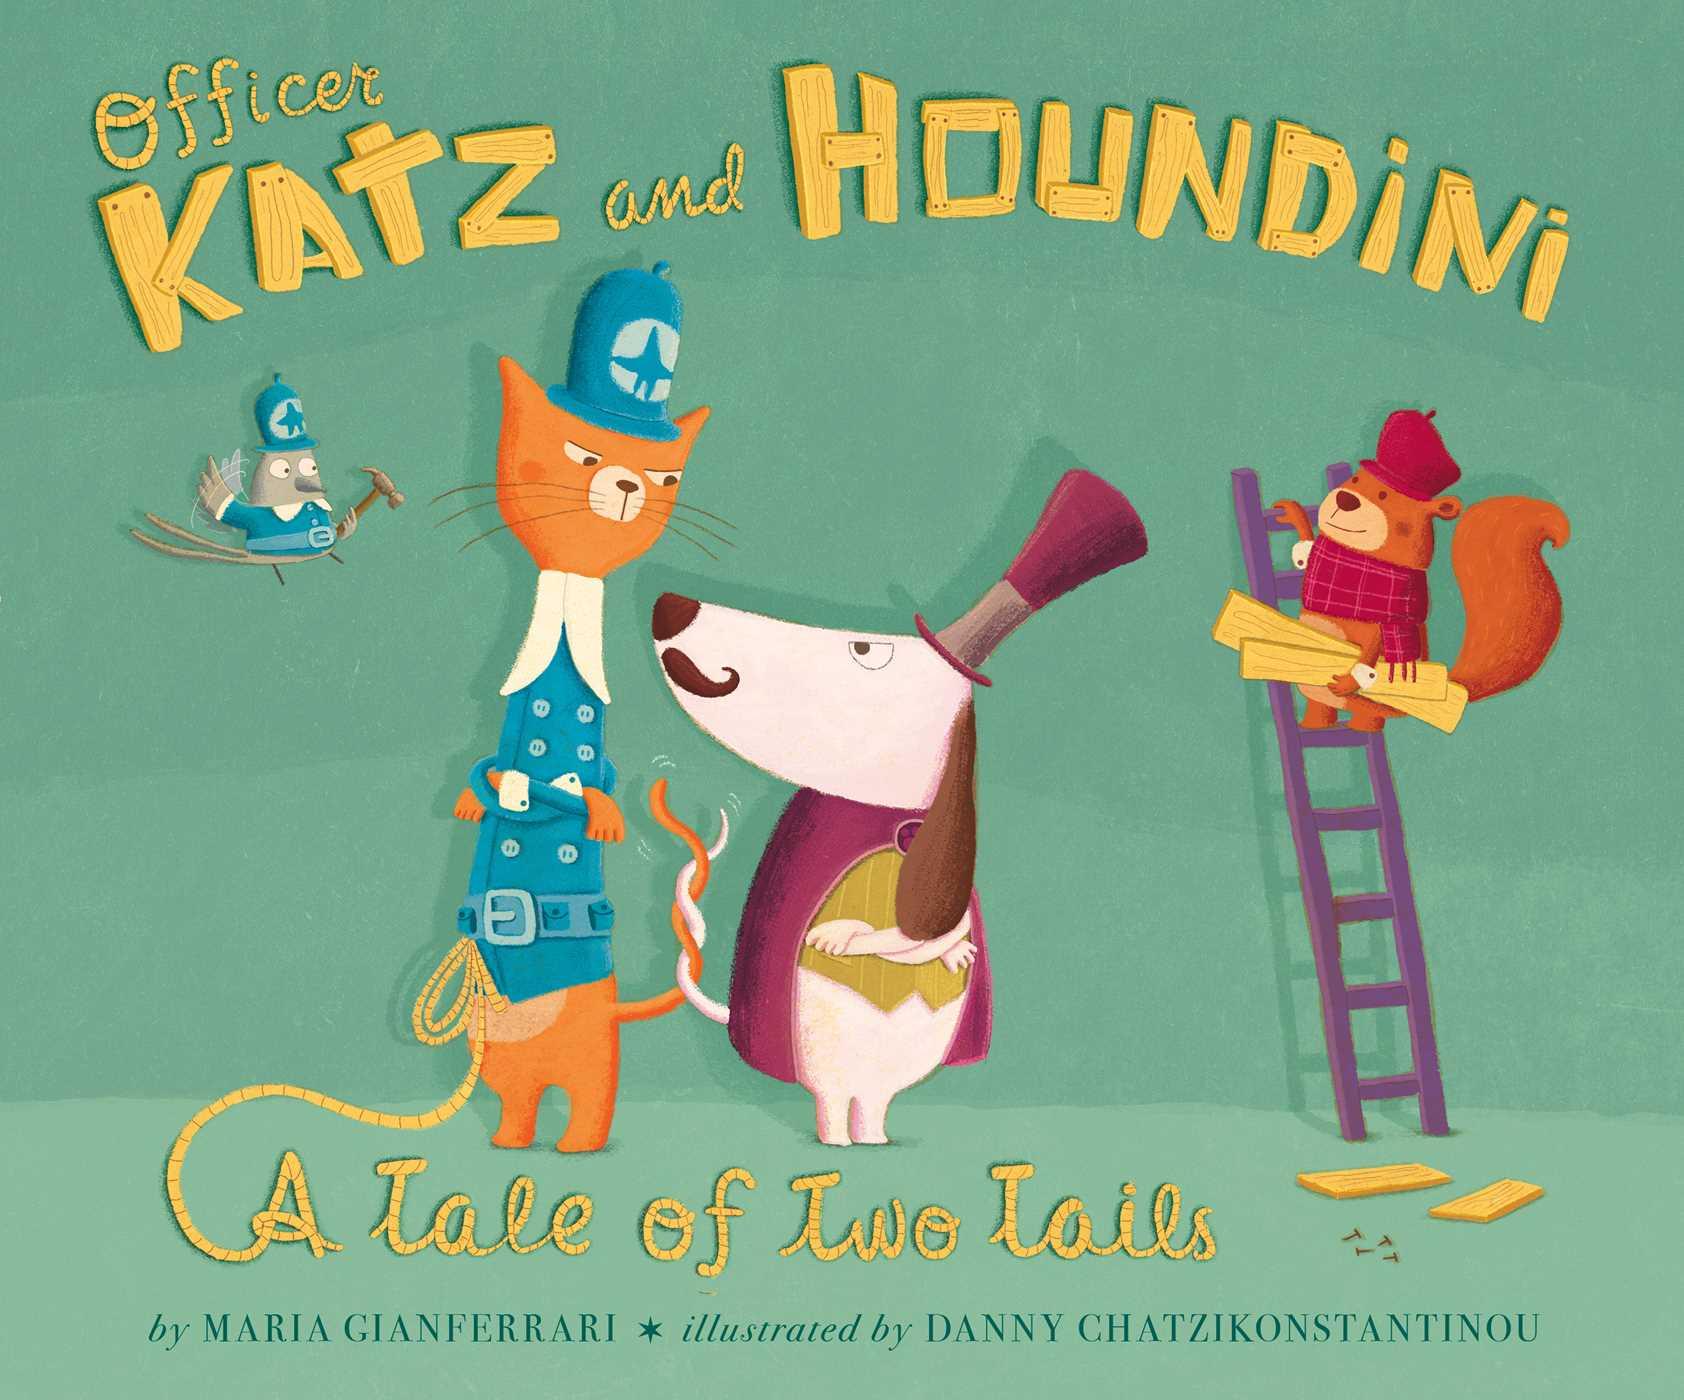 Officer katz and houndini 9781481422659 hr